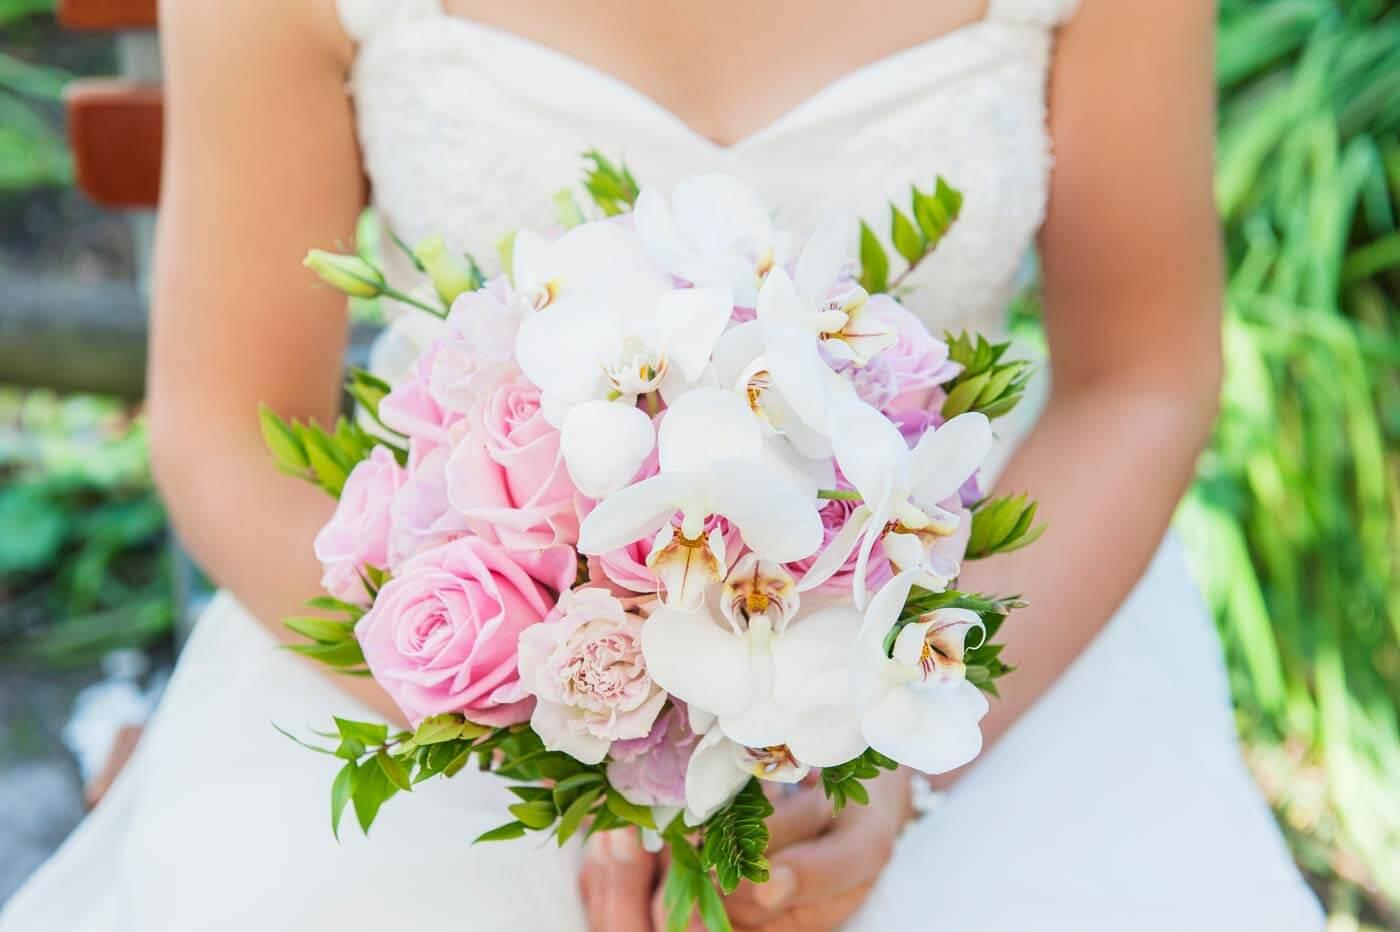 Brautstrauß mit Orchideen und Rosen